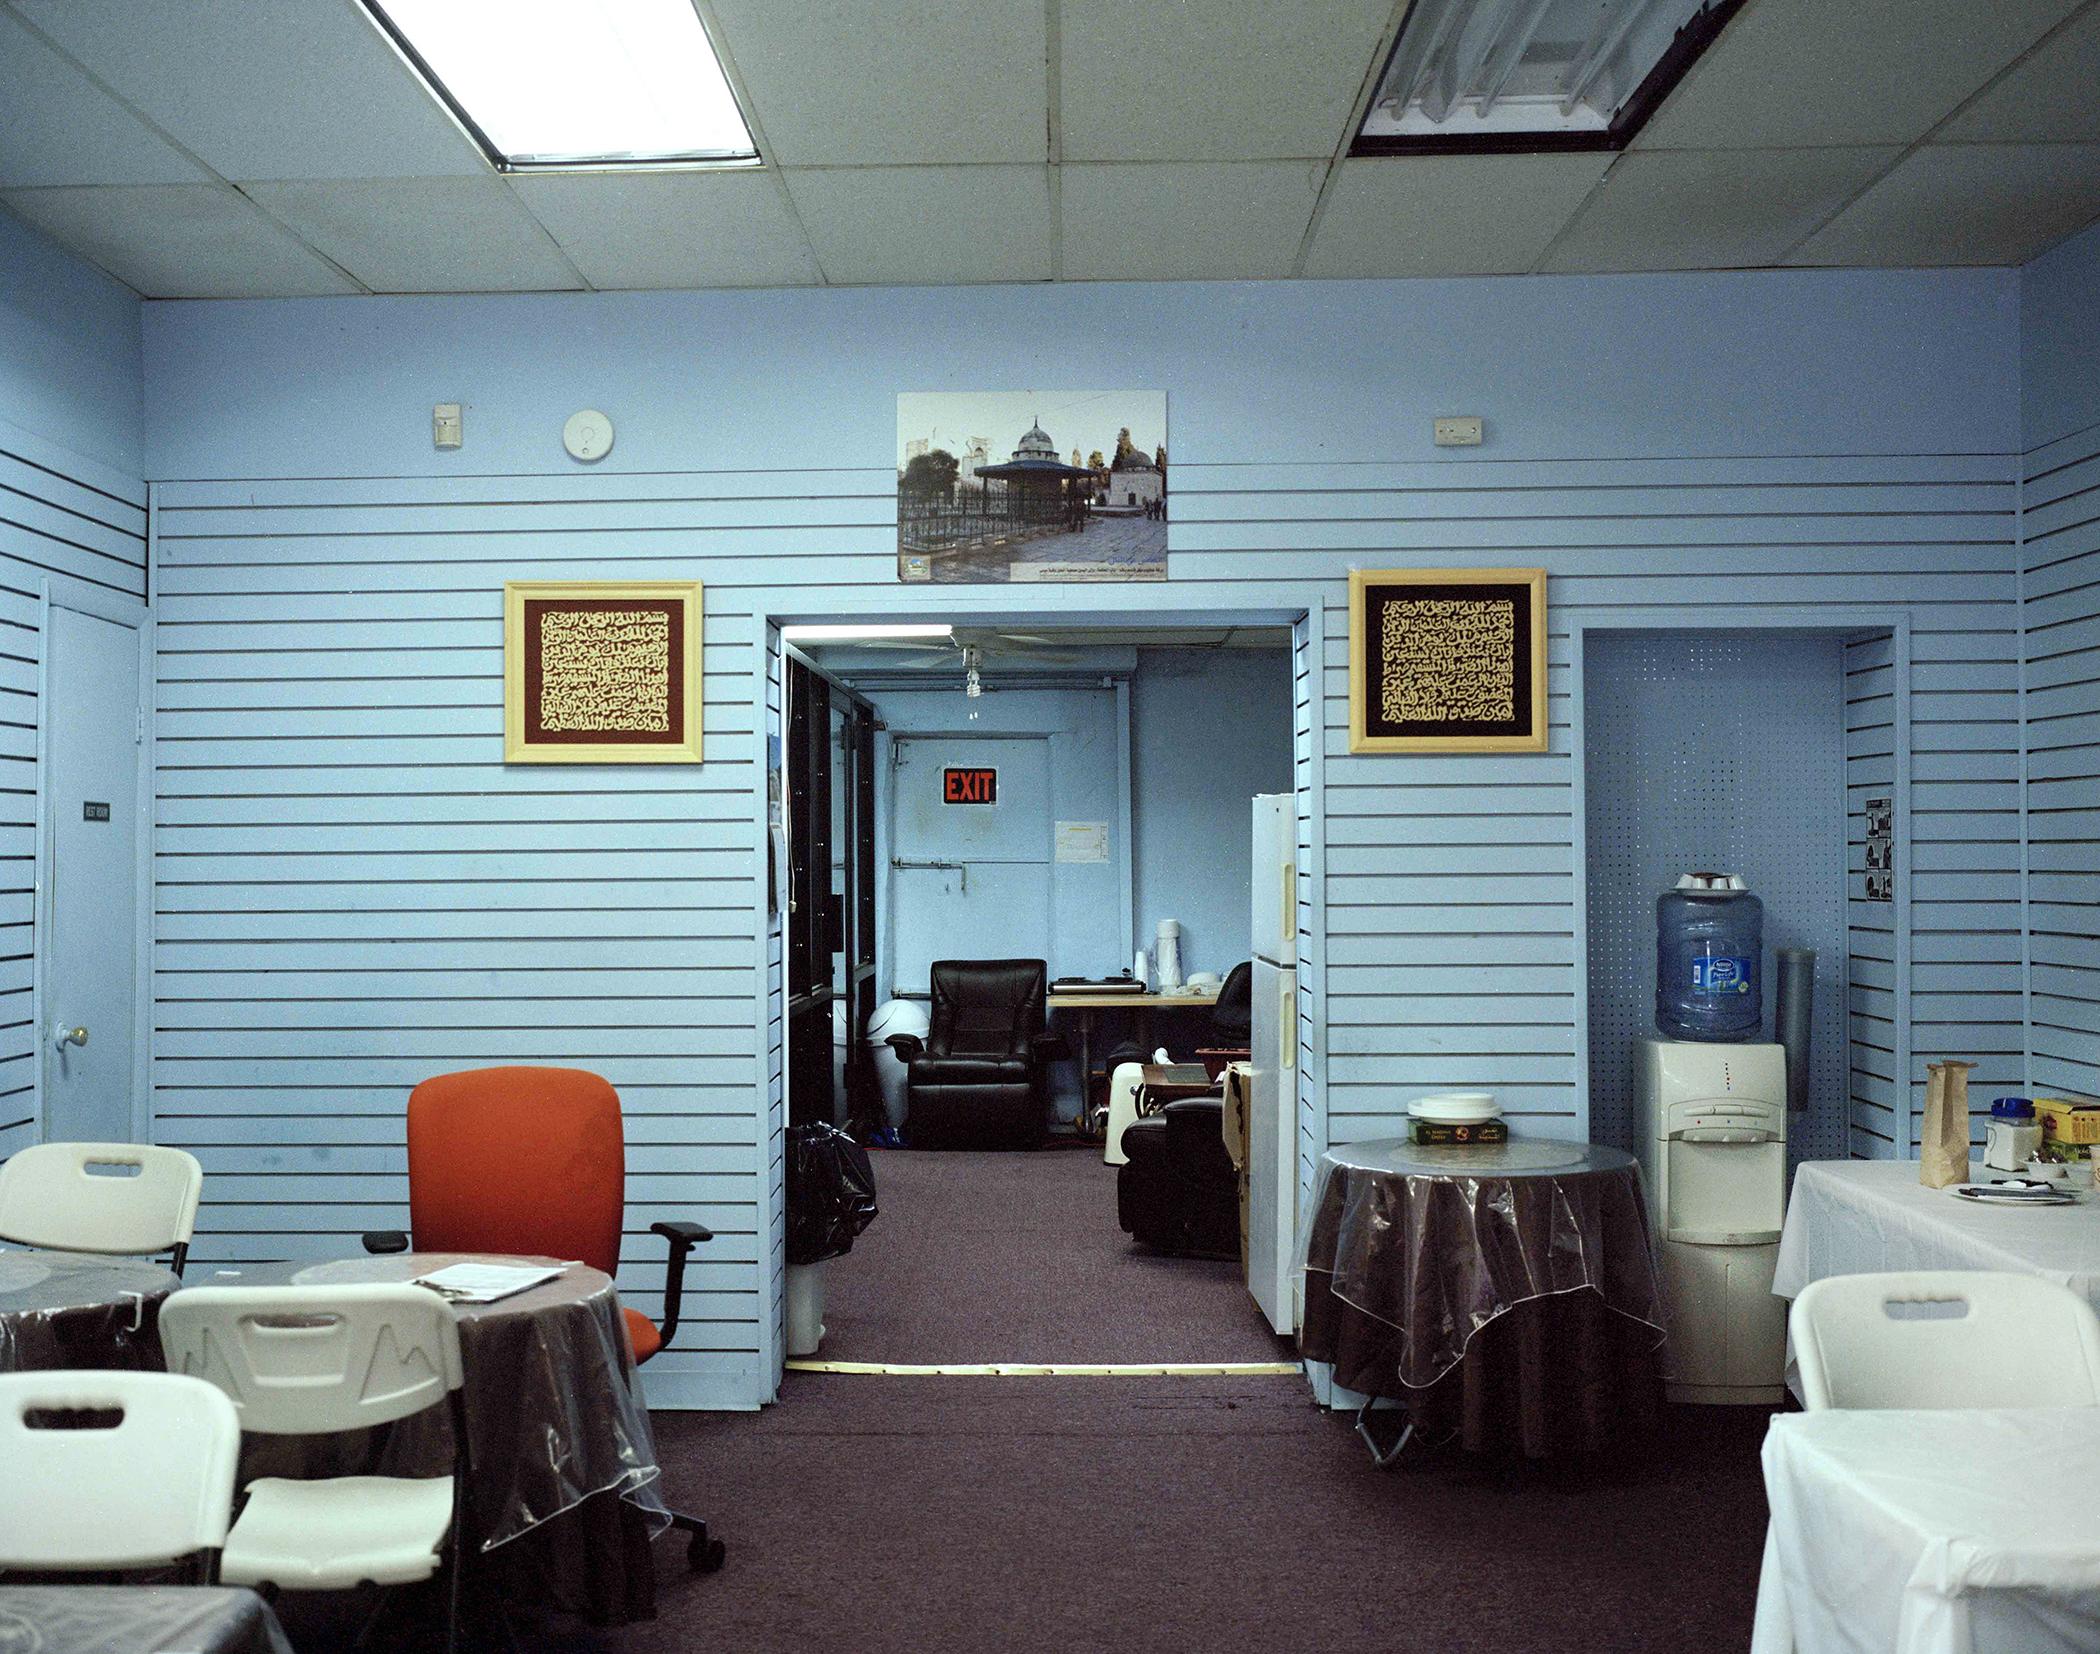 Bagian dalam ruangan bernuansa biru